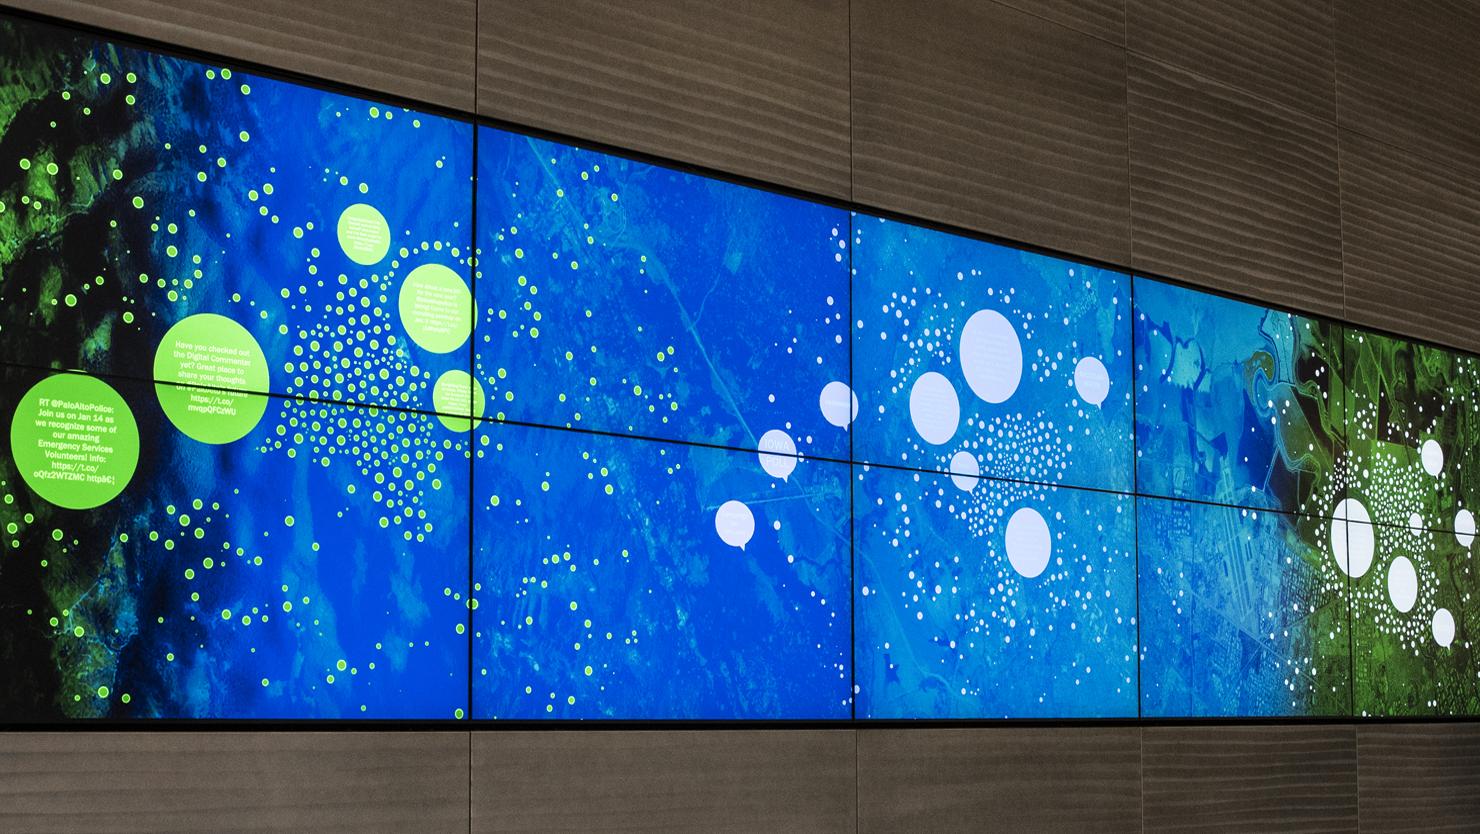 digital-media-wall-1